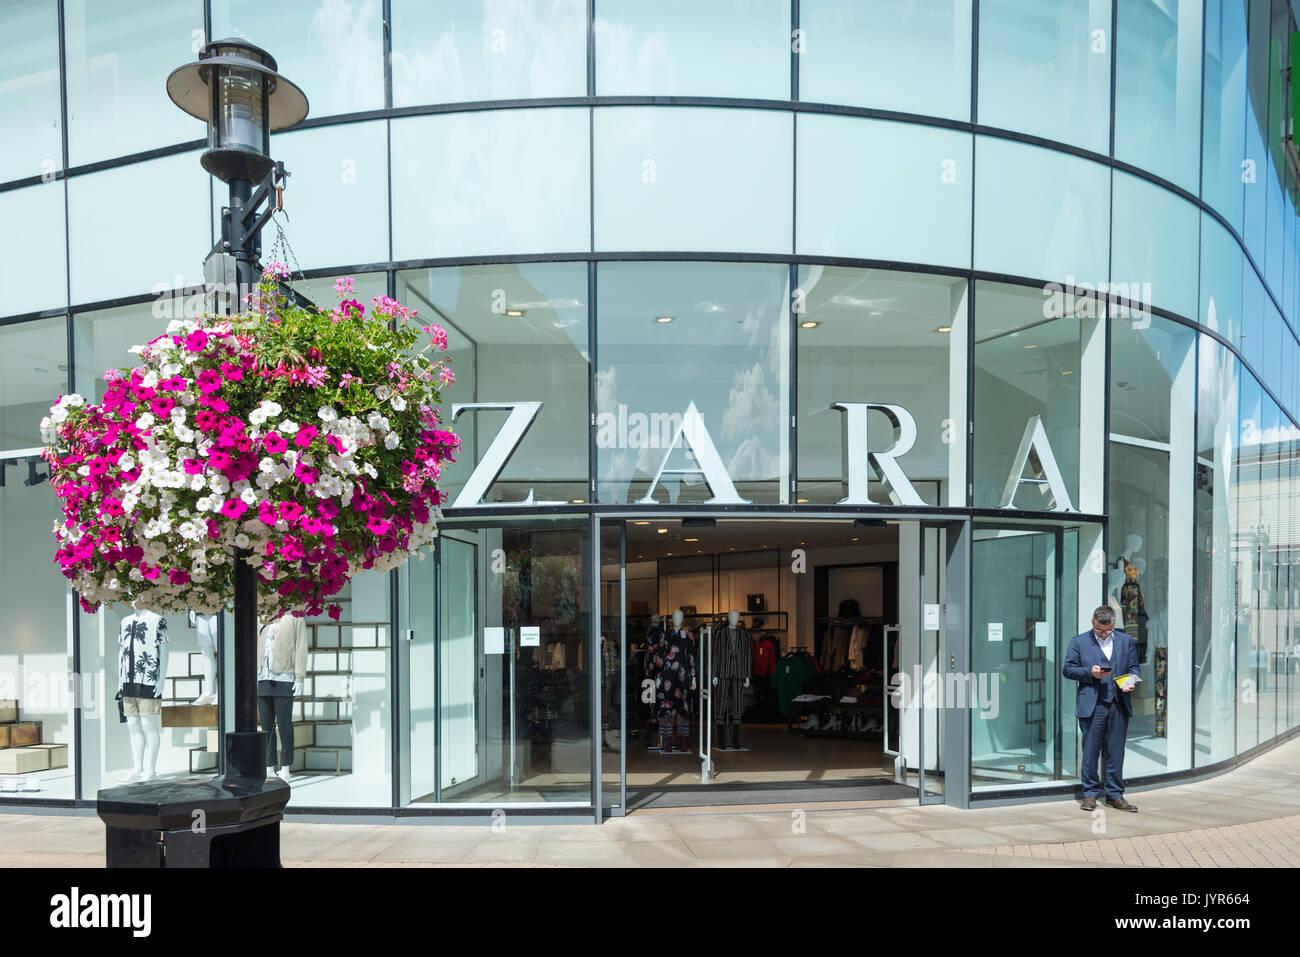 Zara fashion store, King Edward Court, Bridgewater Way, Windsor, Berkshire, England, United Kingdom - Stock Image